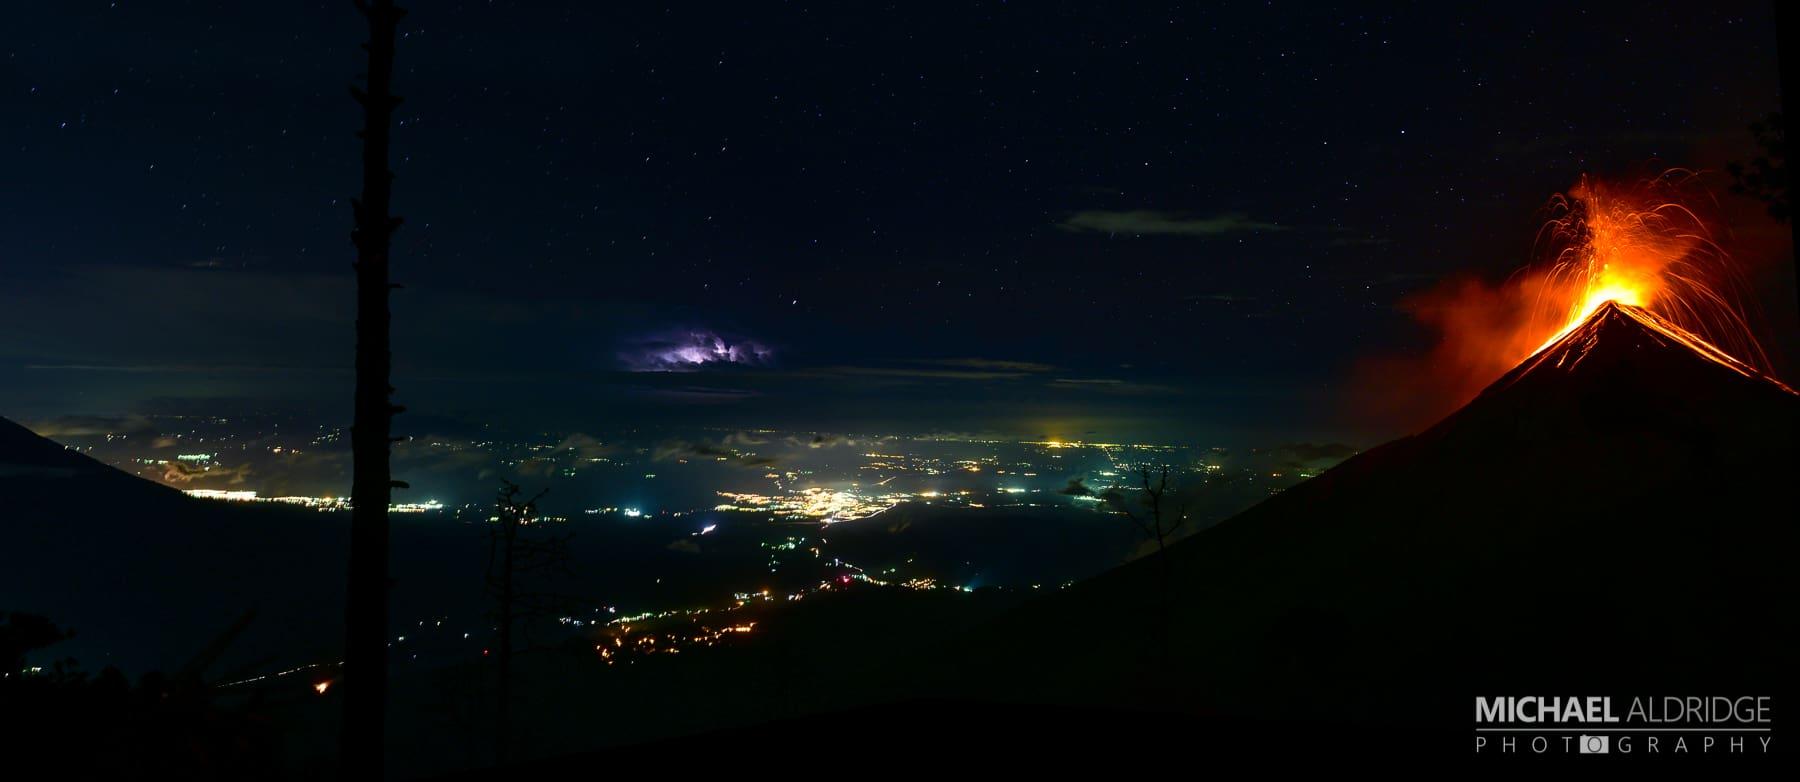 Volcán de Fuego eruption with lightening storm below